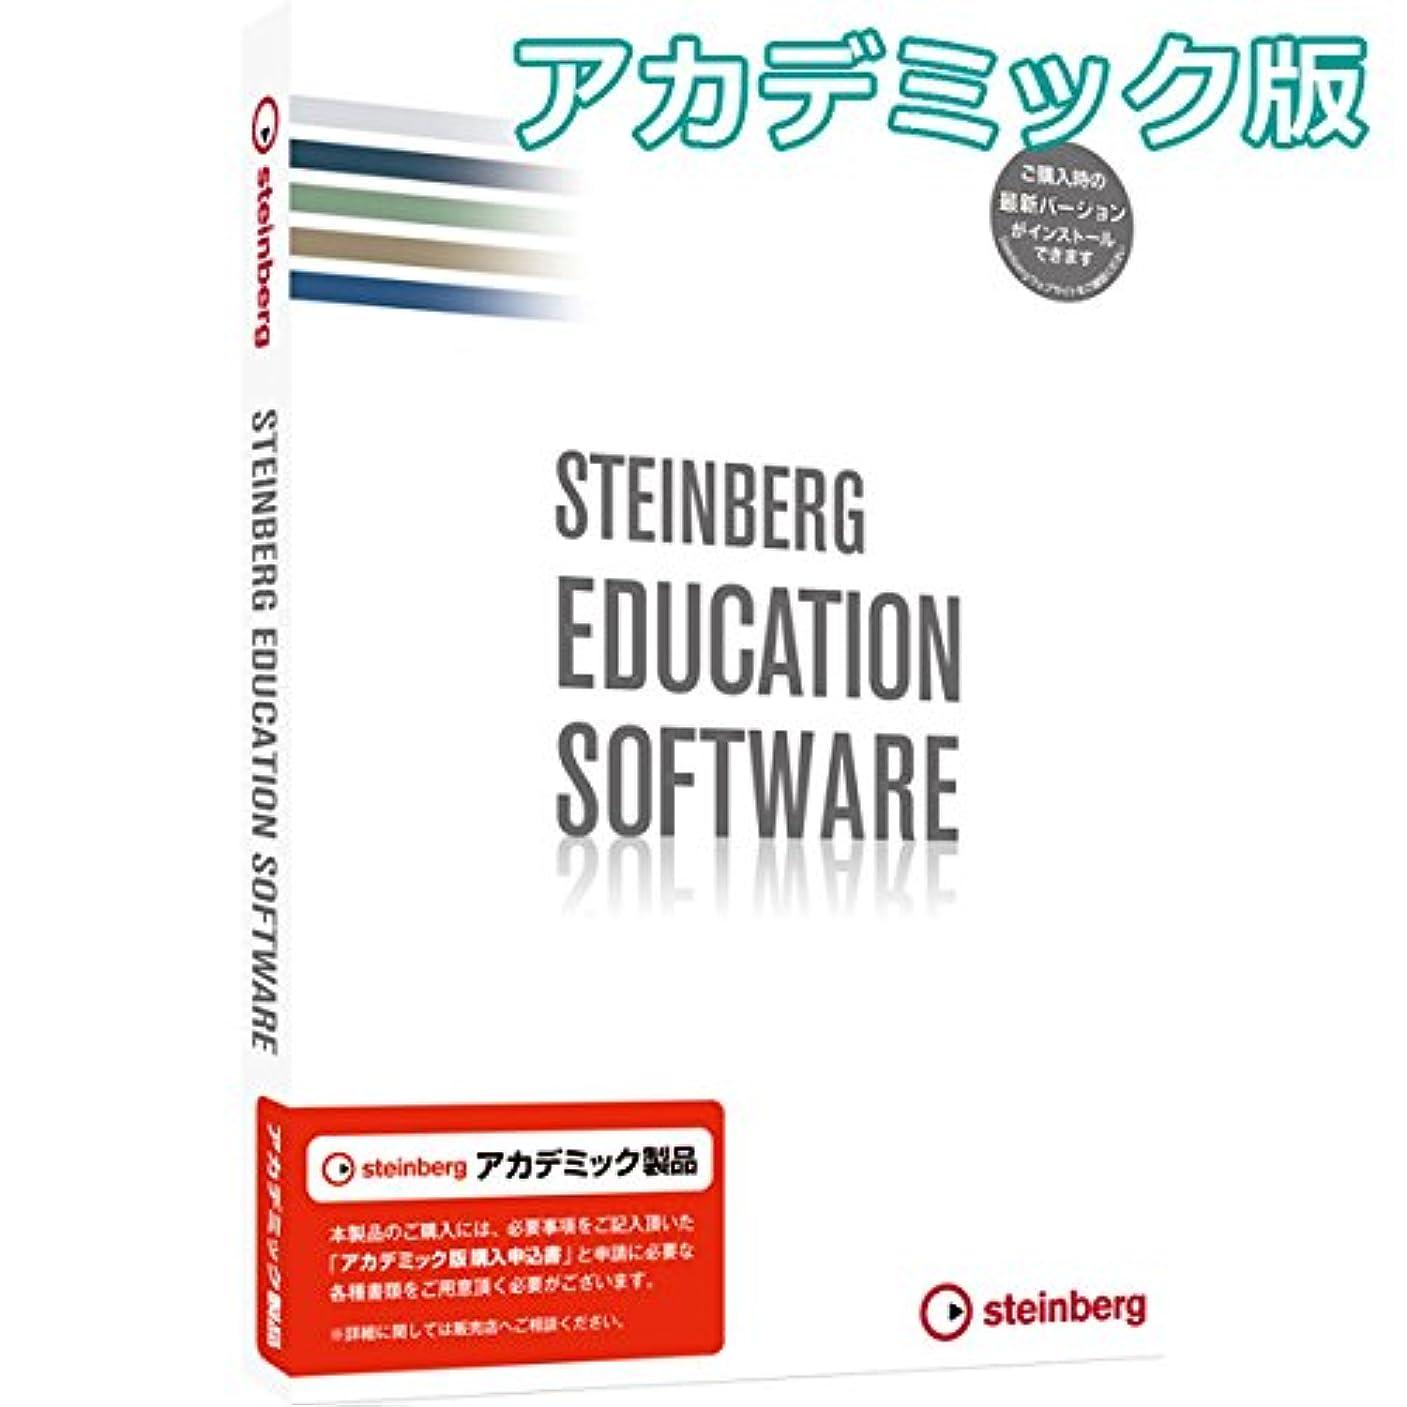 記念碑従う色steinberg WAVELAB PRO 9 アカデミック版 波形編集ソフトウェア (スタインバーグ) 国内正規品